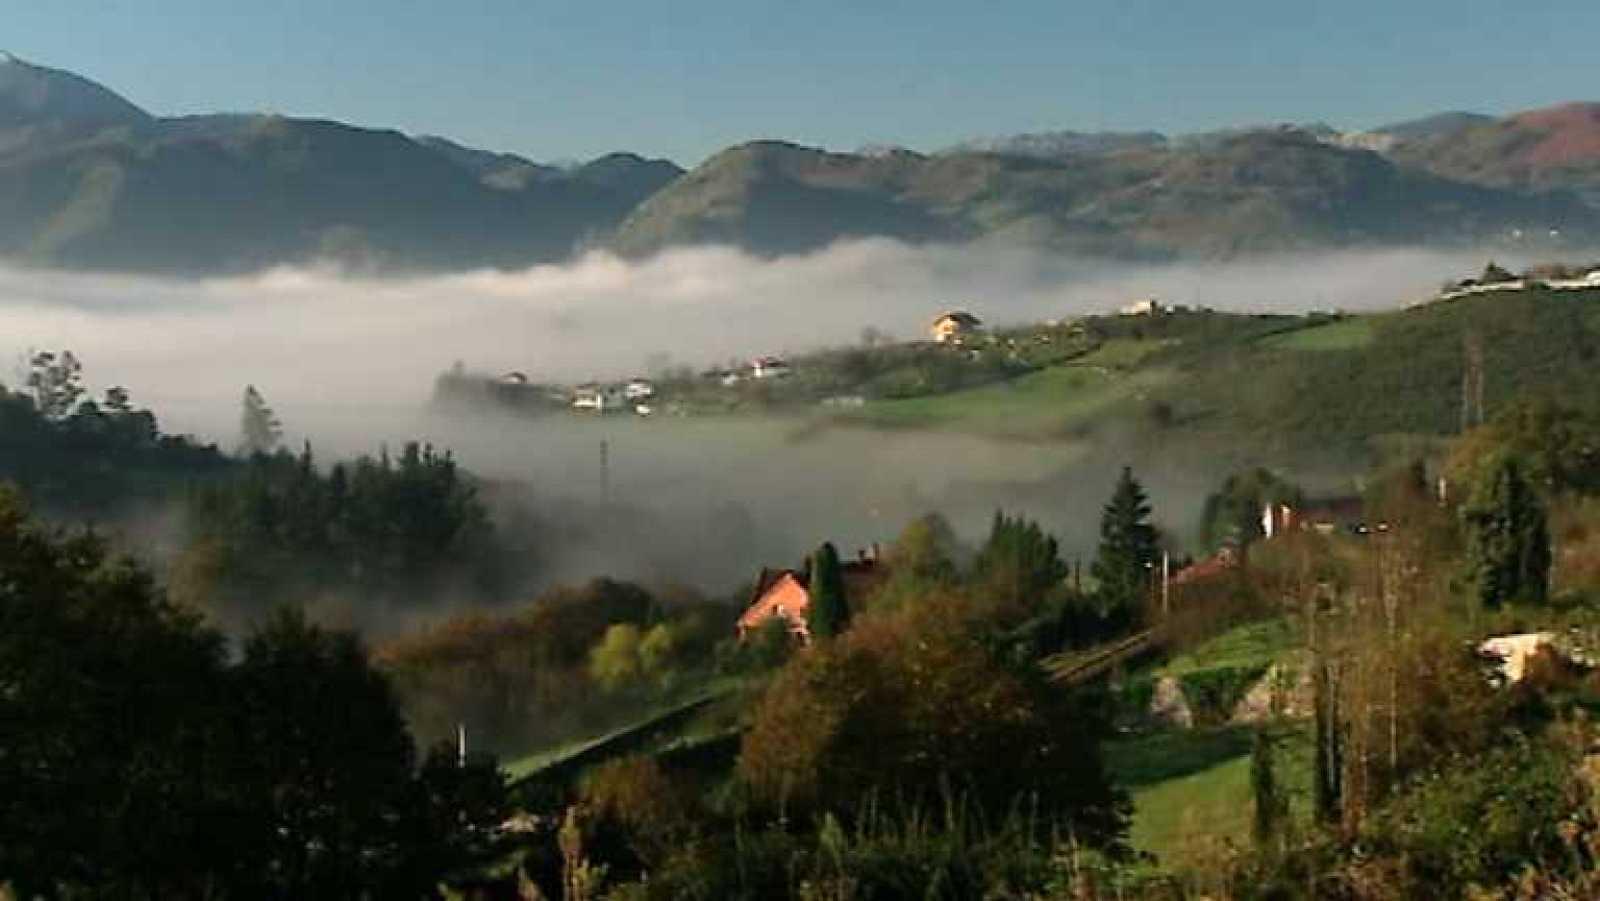 Zoom Tendencias - Asturias, una escapada irresistible - 15/06/13 - Ver ahora